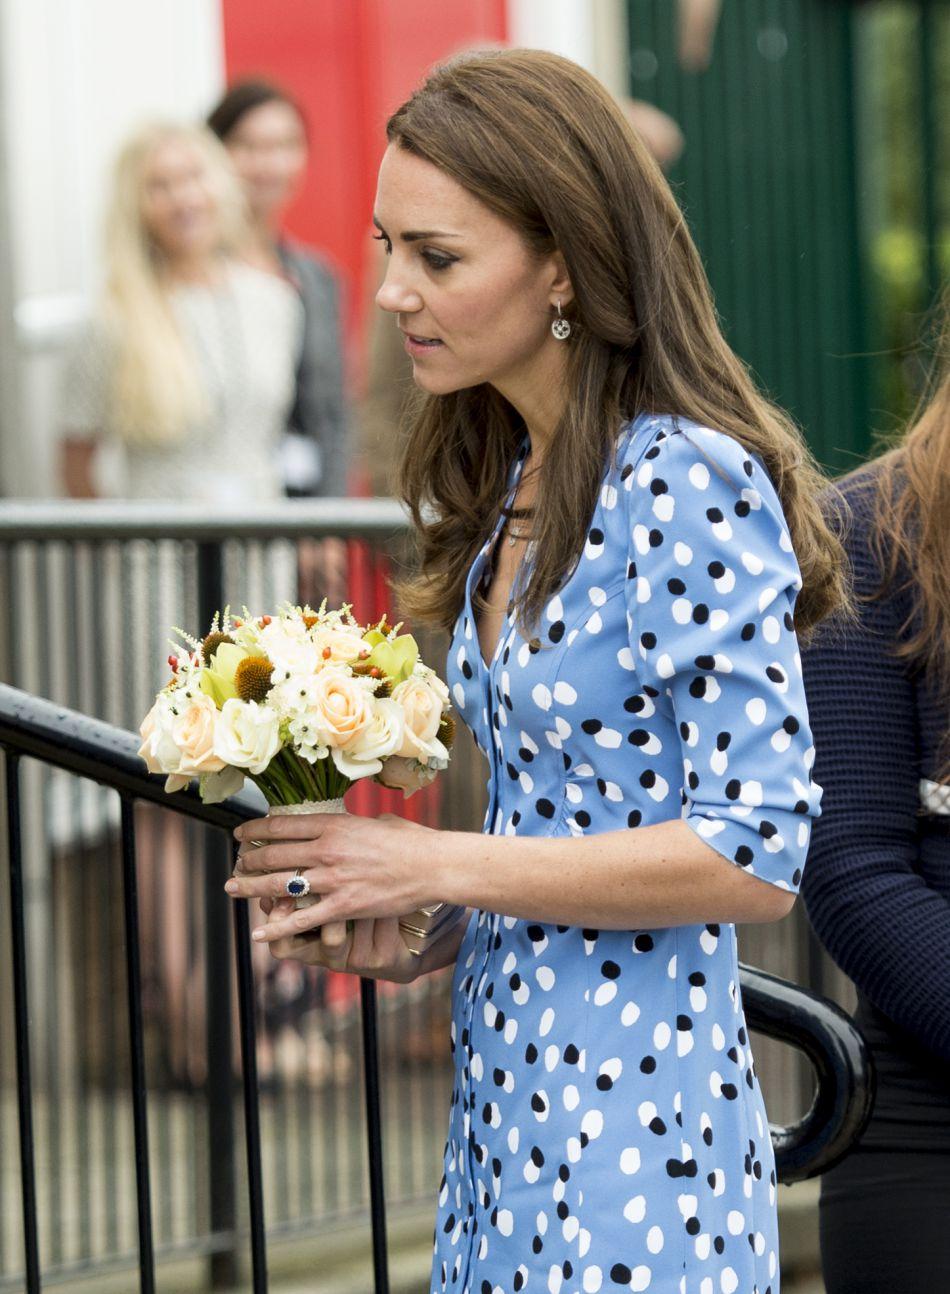 La duchesse de Cambridge affichait une silhouette plus fine que jamais dans sa robe bleue.